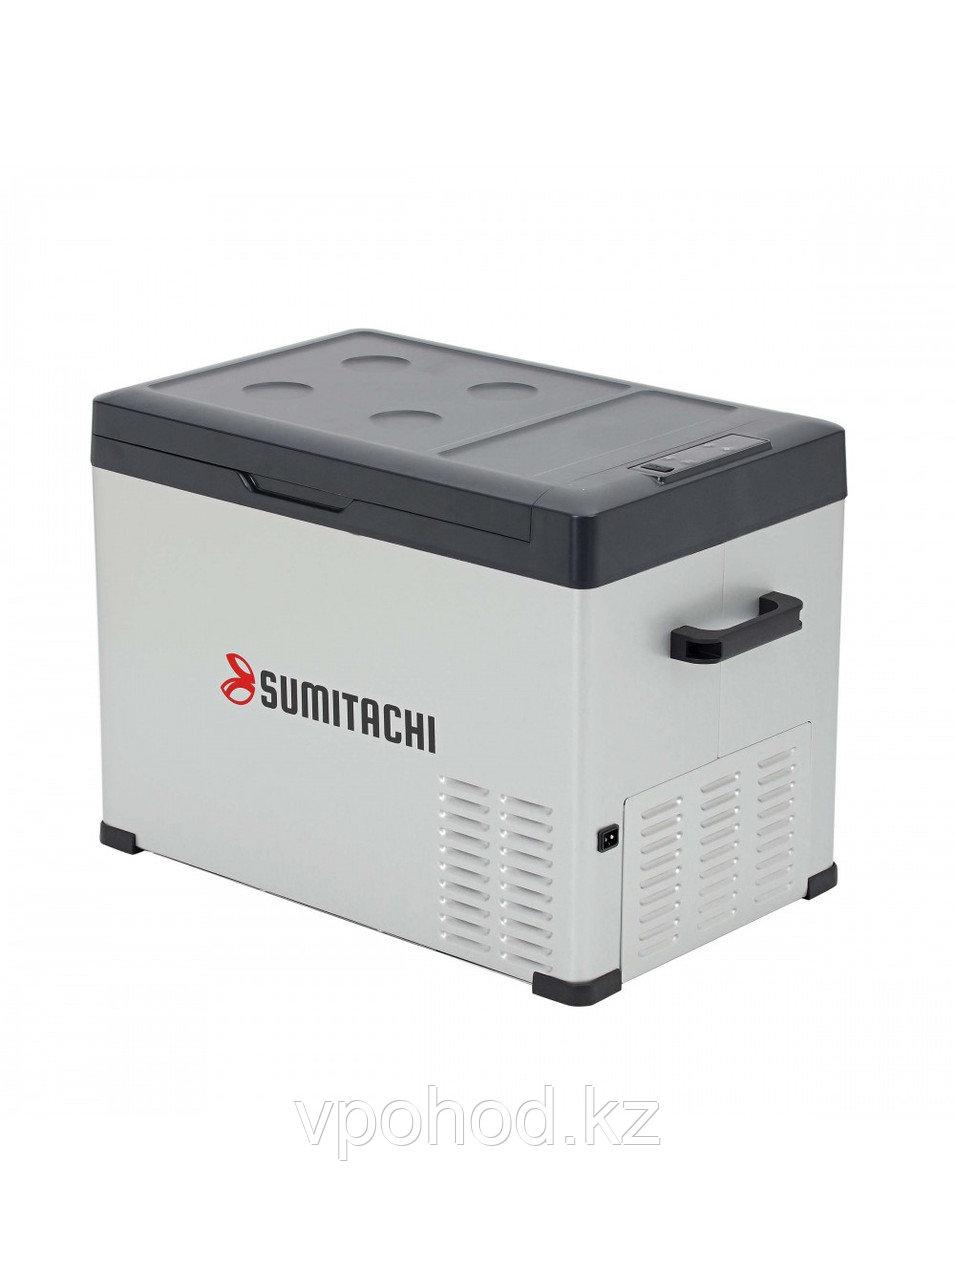 Компрессорный автохолодильник SUMITACHI C40 (40 л.)